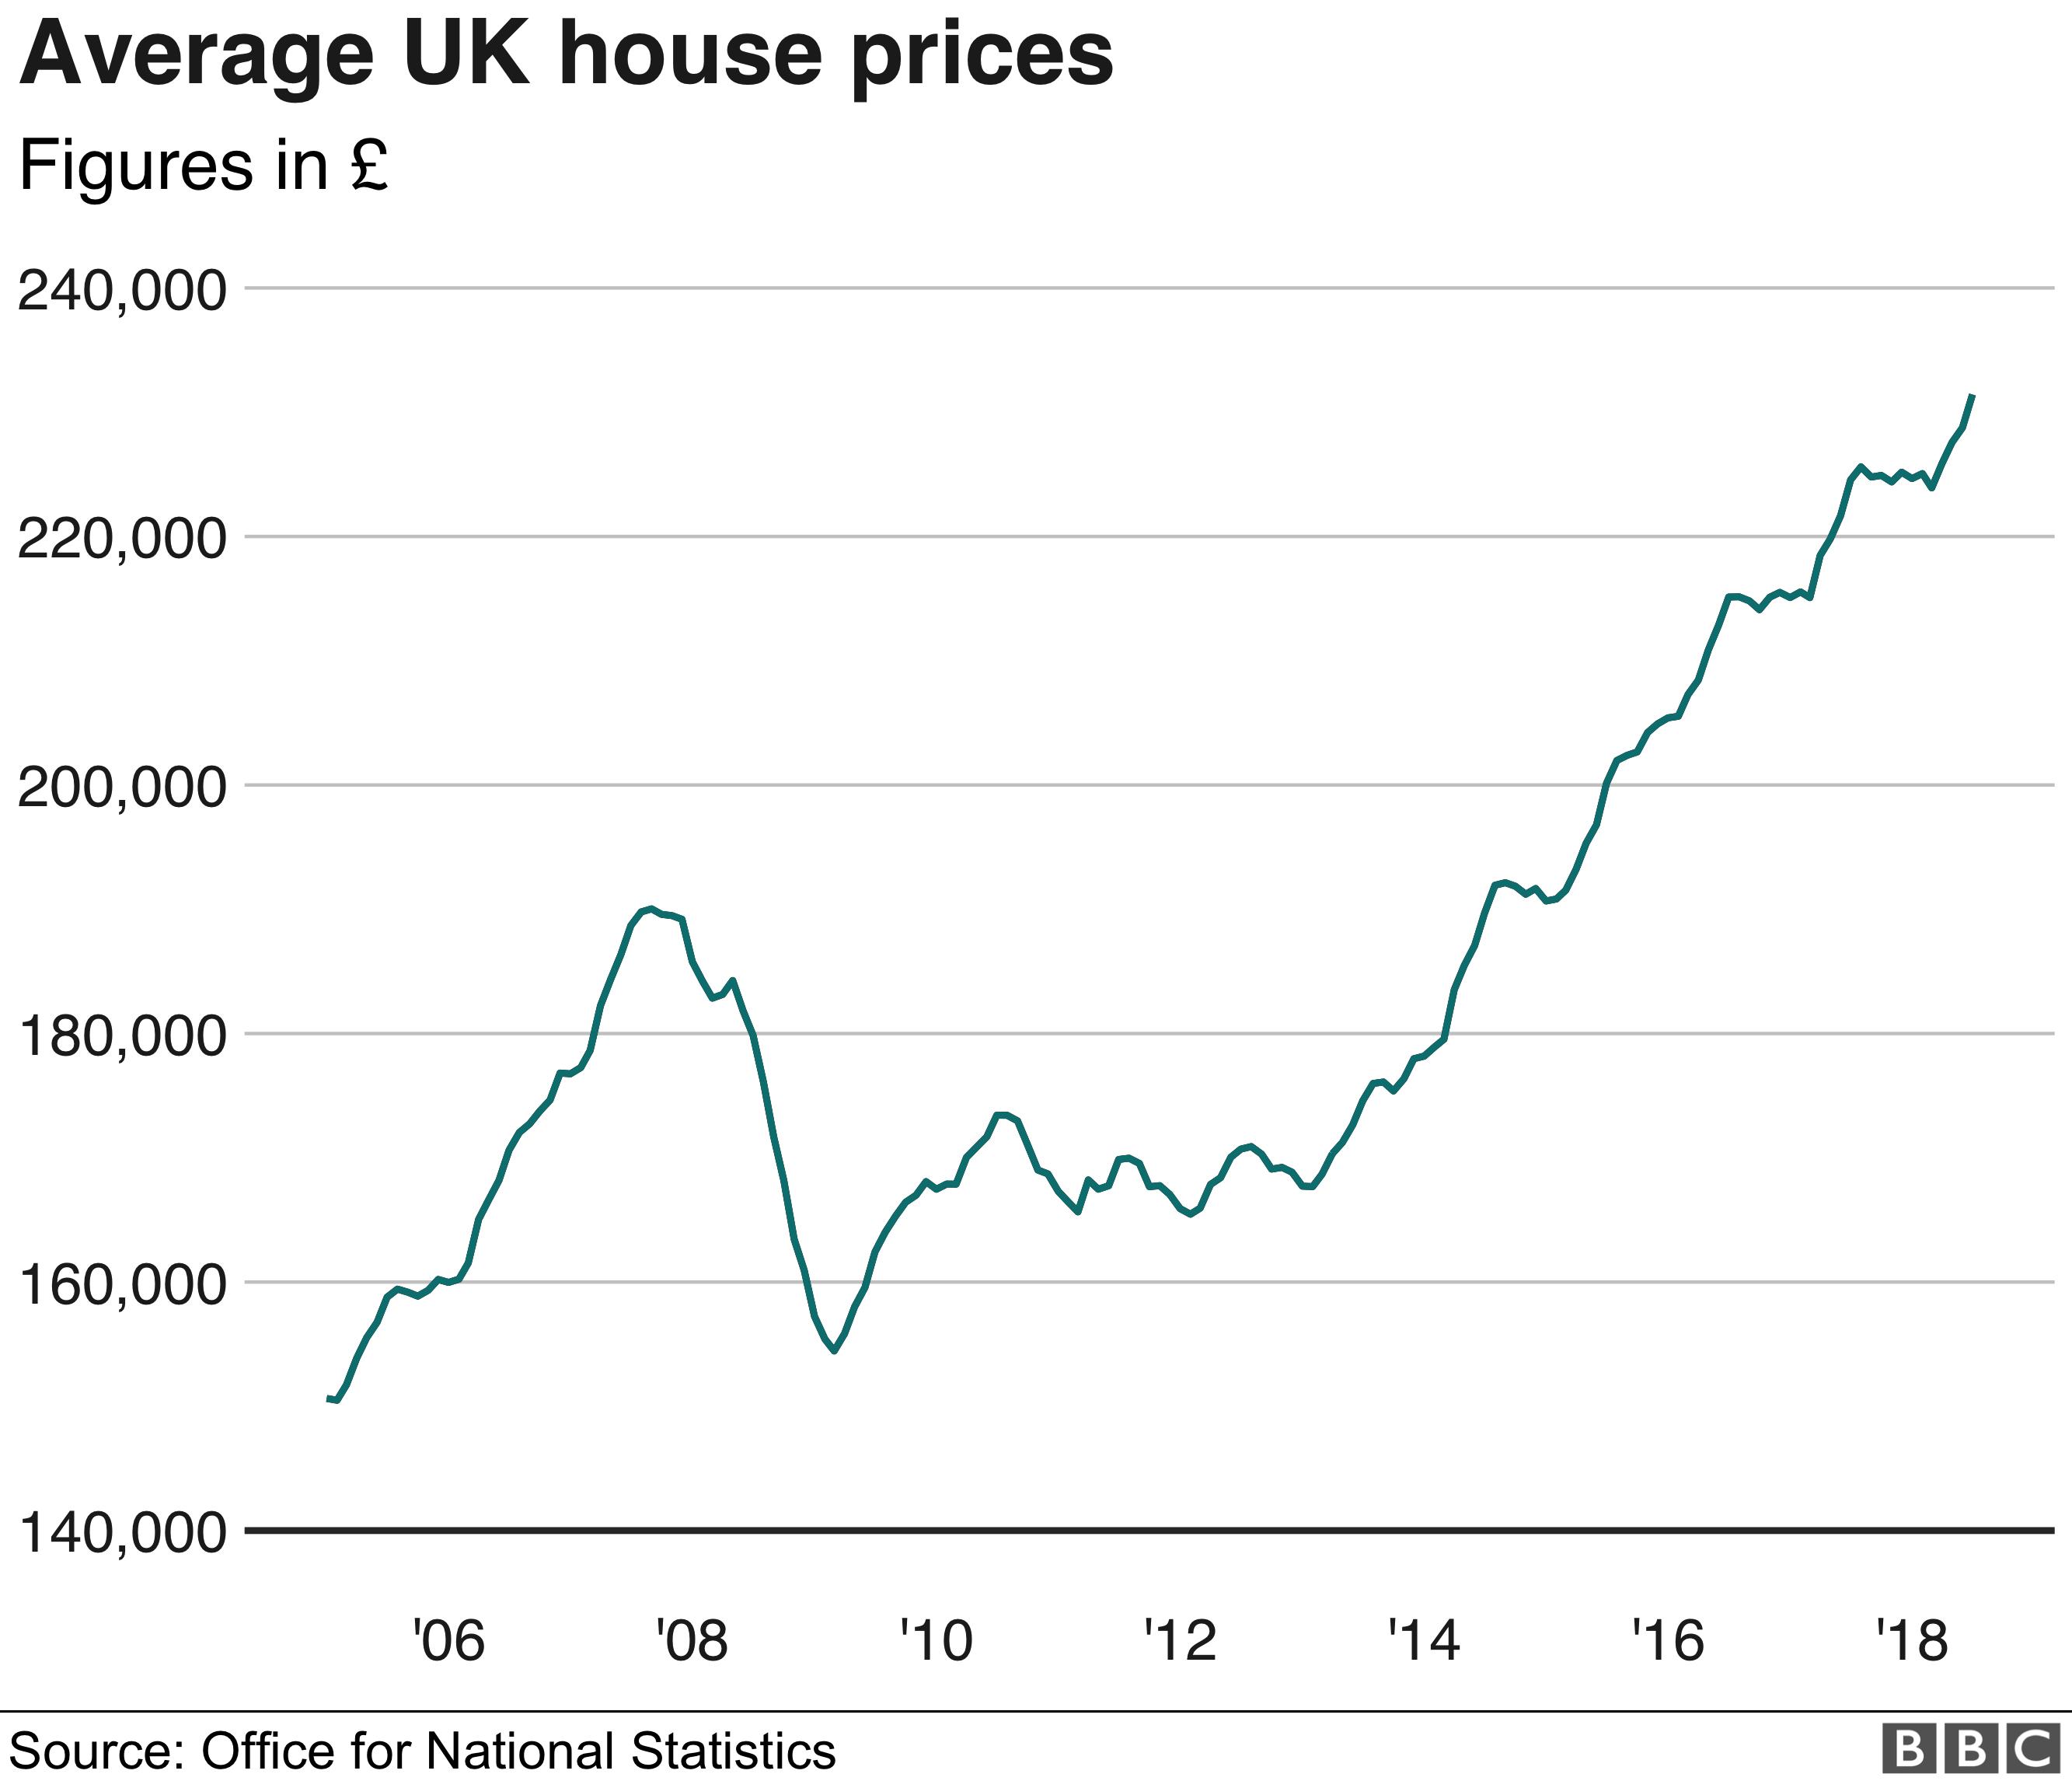 График средних цен на жилье